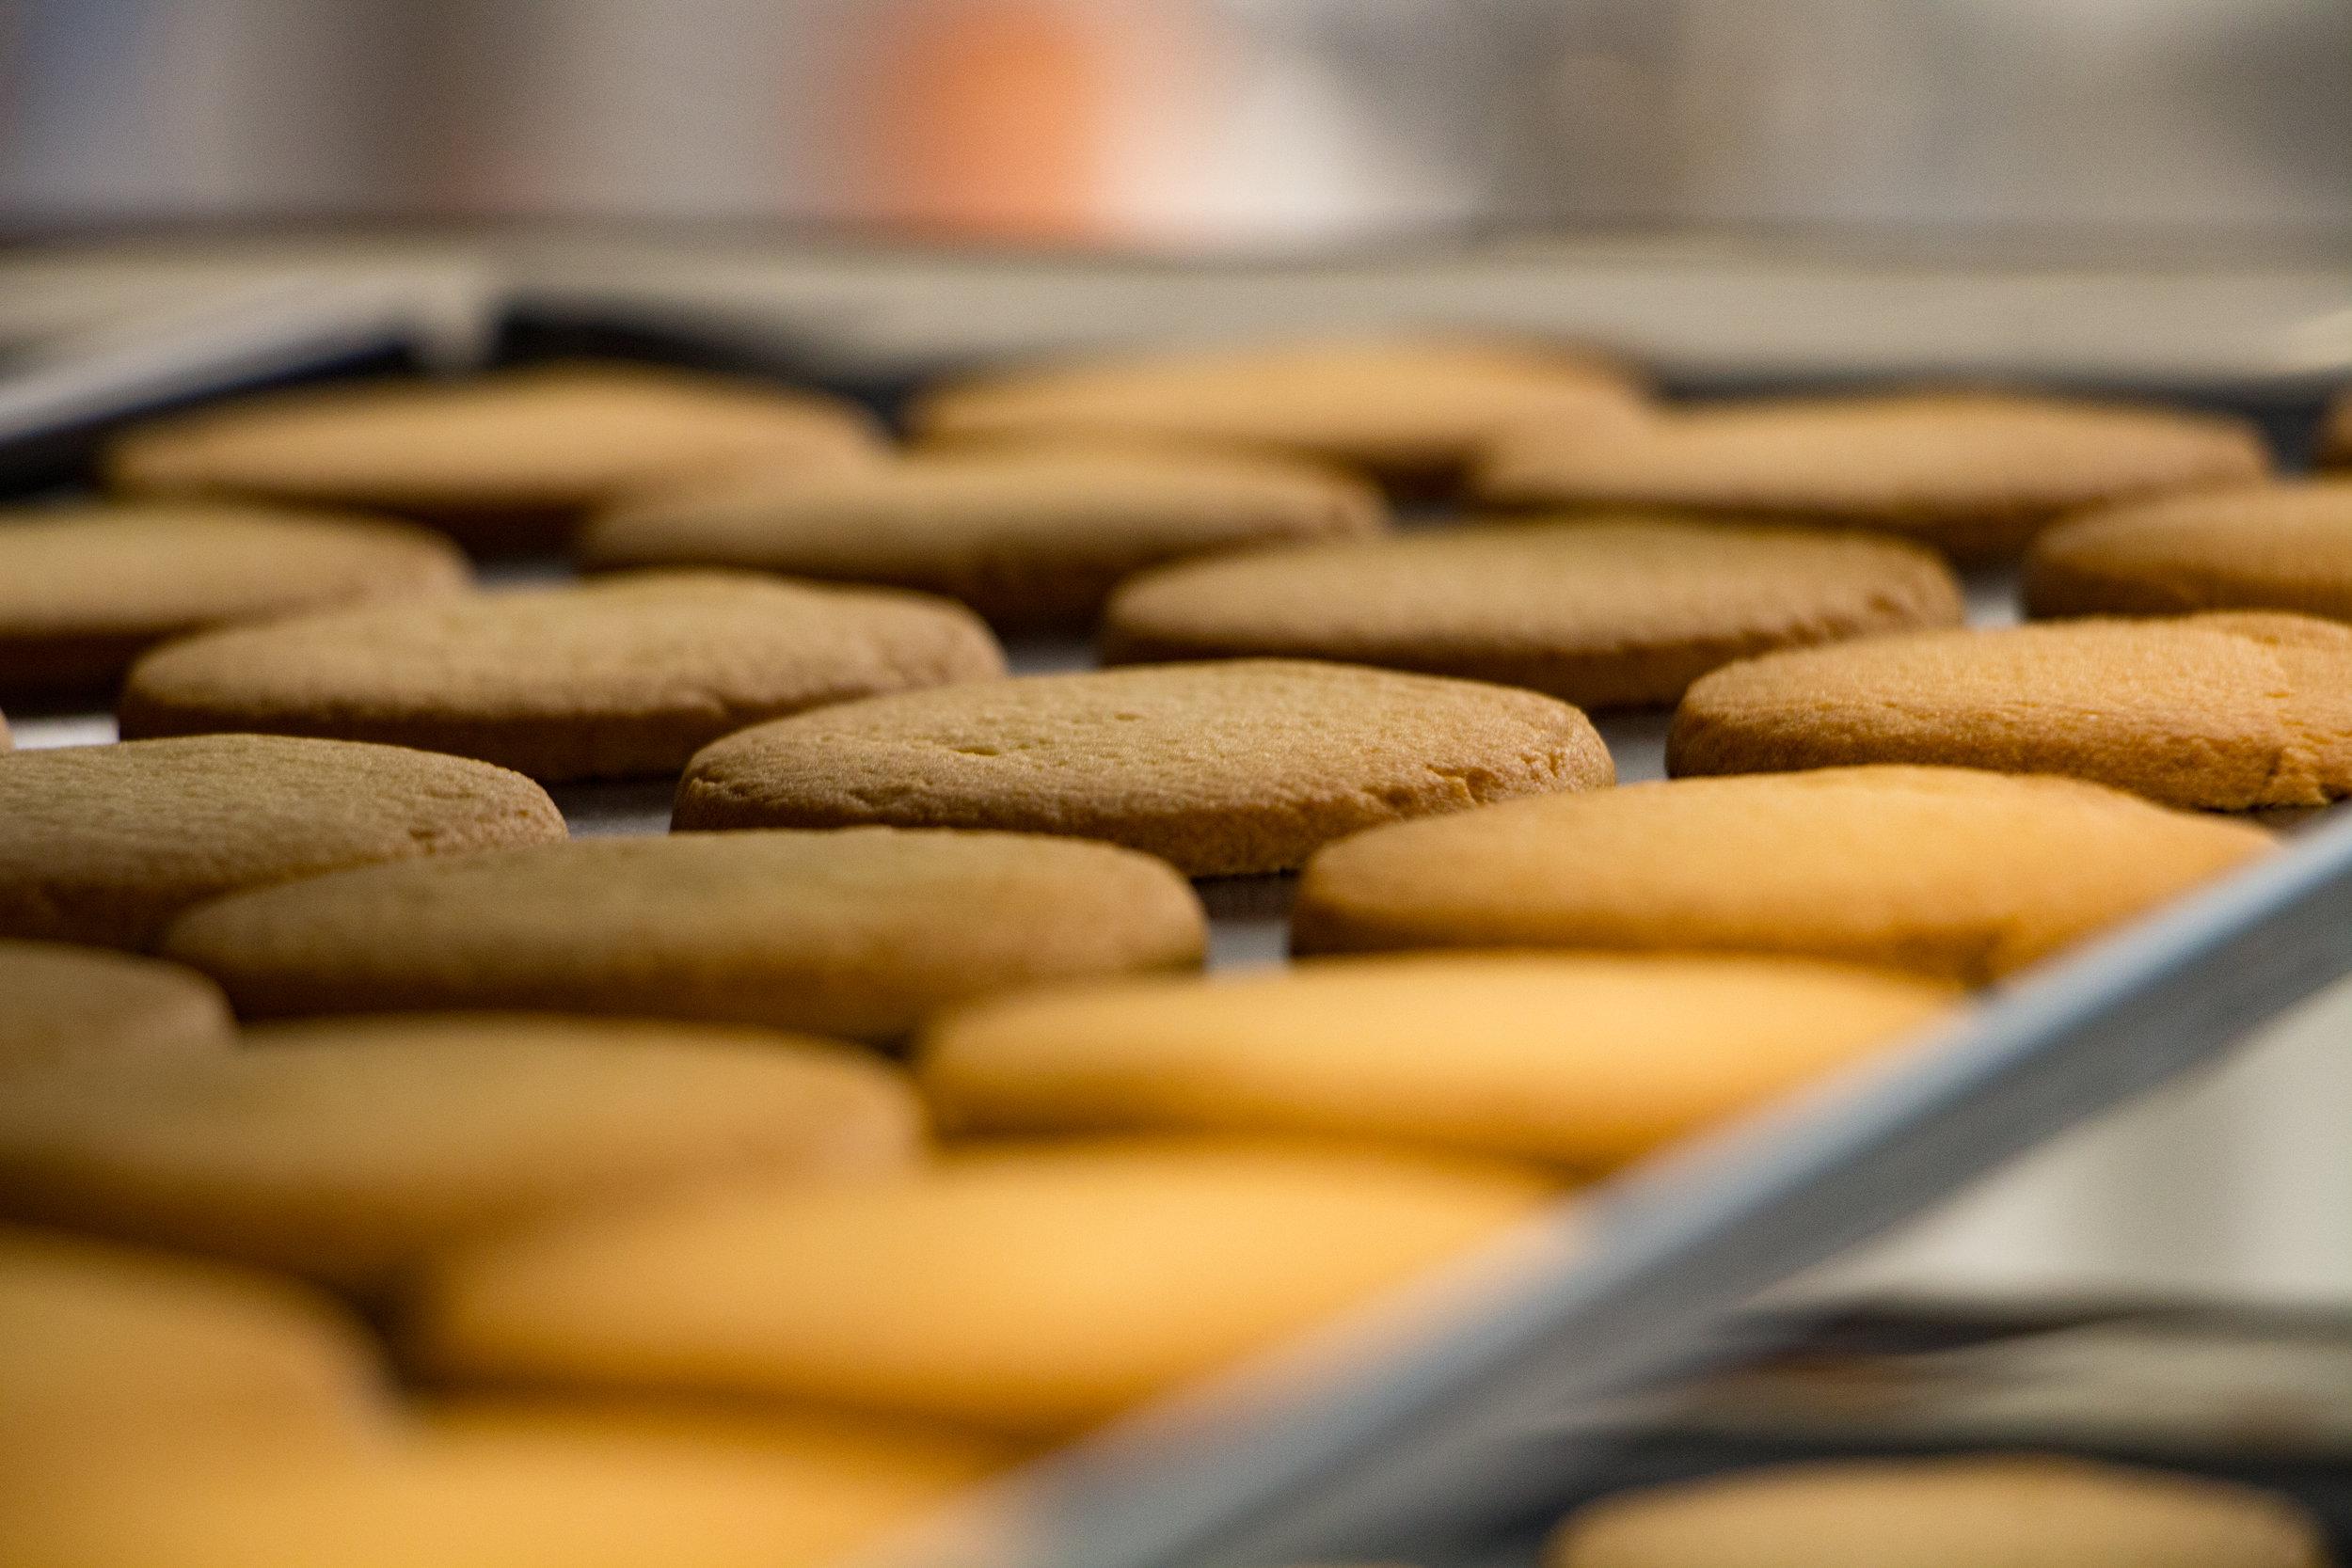 Coffret Sablés Addict 1KG - Le Coffret Idéal pour les amoureux du P'tit Sablé Nature : 1kg de nos délicieux biscuits. Un retour aux origines de la Maison Drans qui proposait déjà ce coffret 1kg il y a 50 ans !5 sachets grand format35,50€ - 1KG